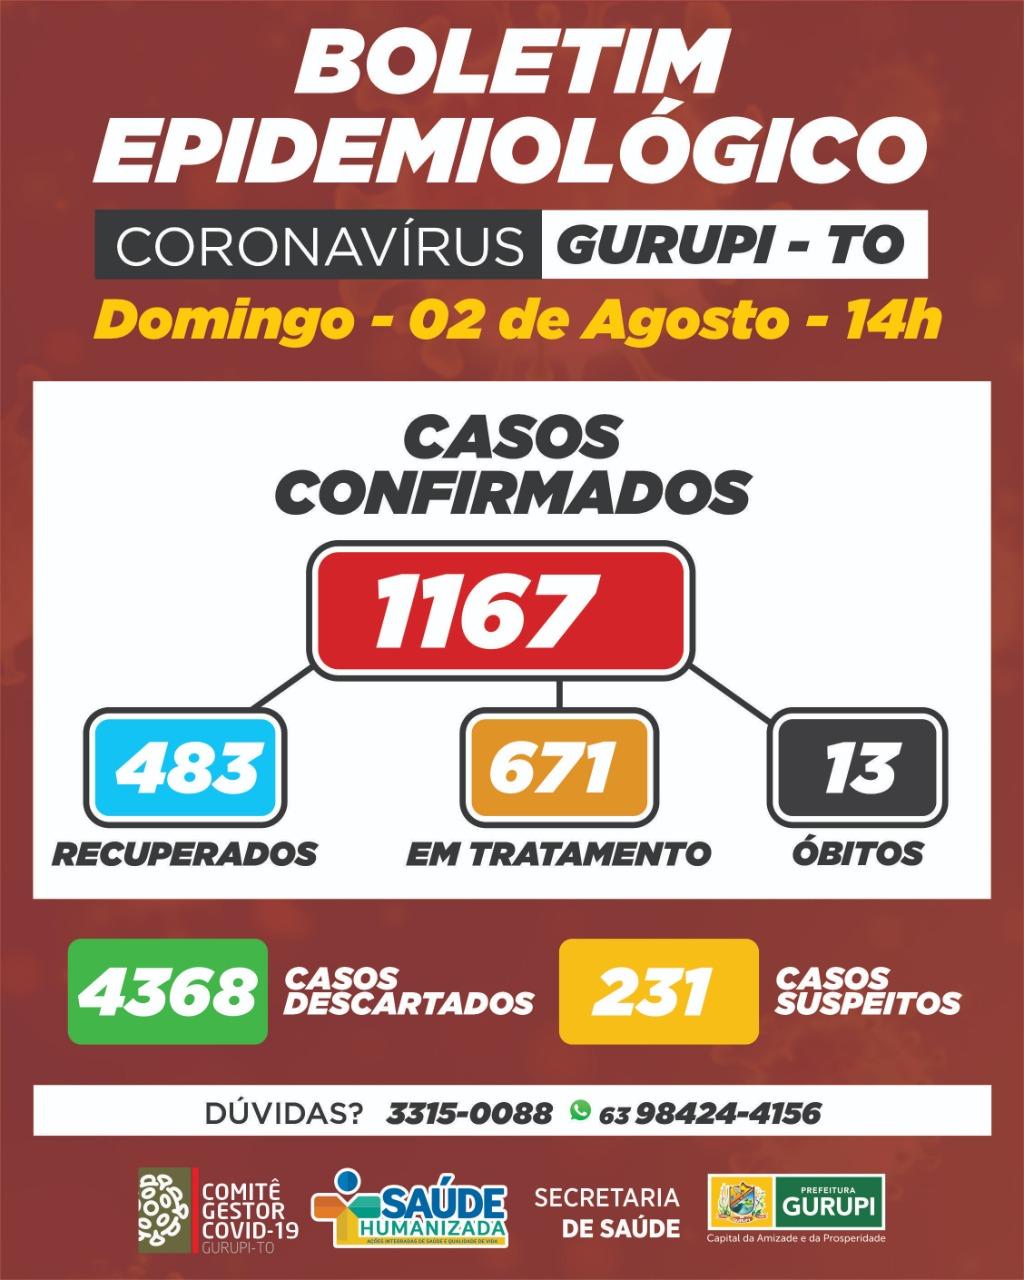 Gurupi contabiliza mais 50 casos do novo coronavírus neste domingo; veja boletim epidemiológico